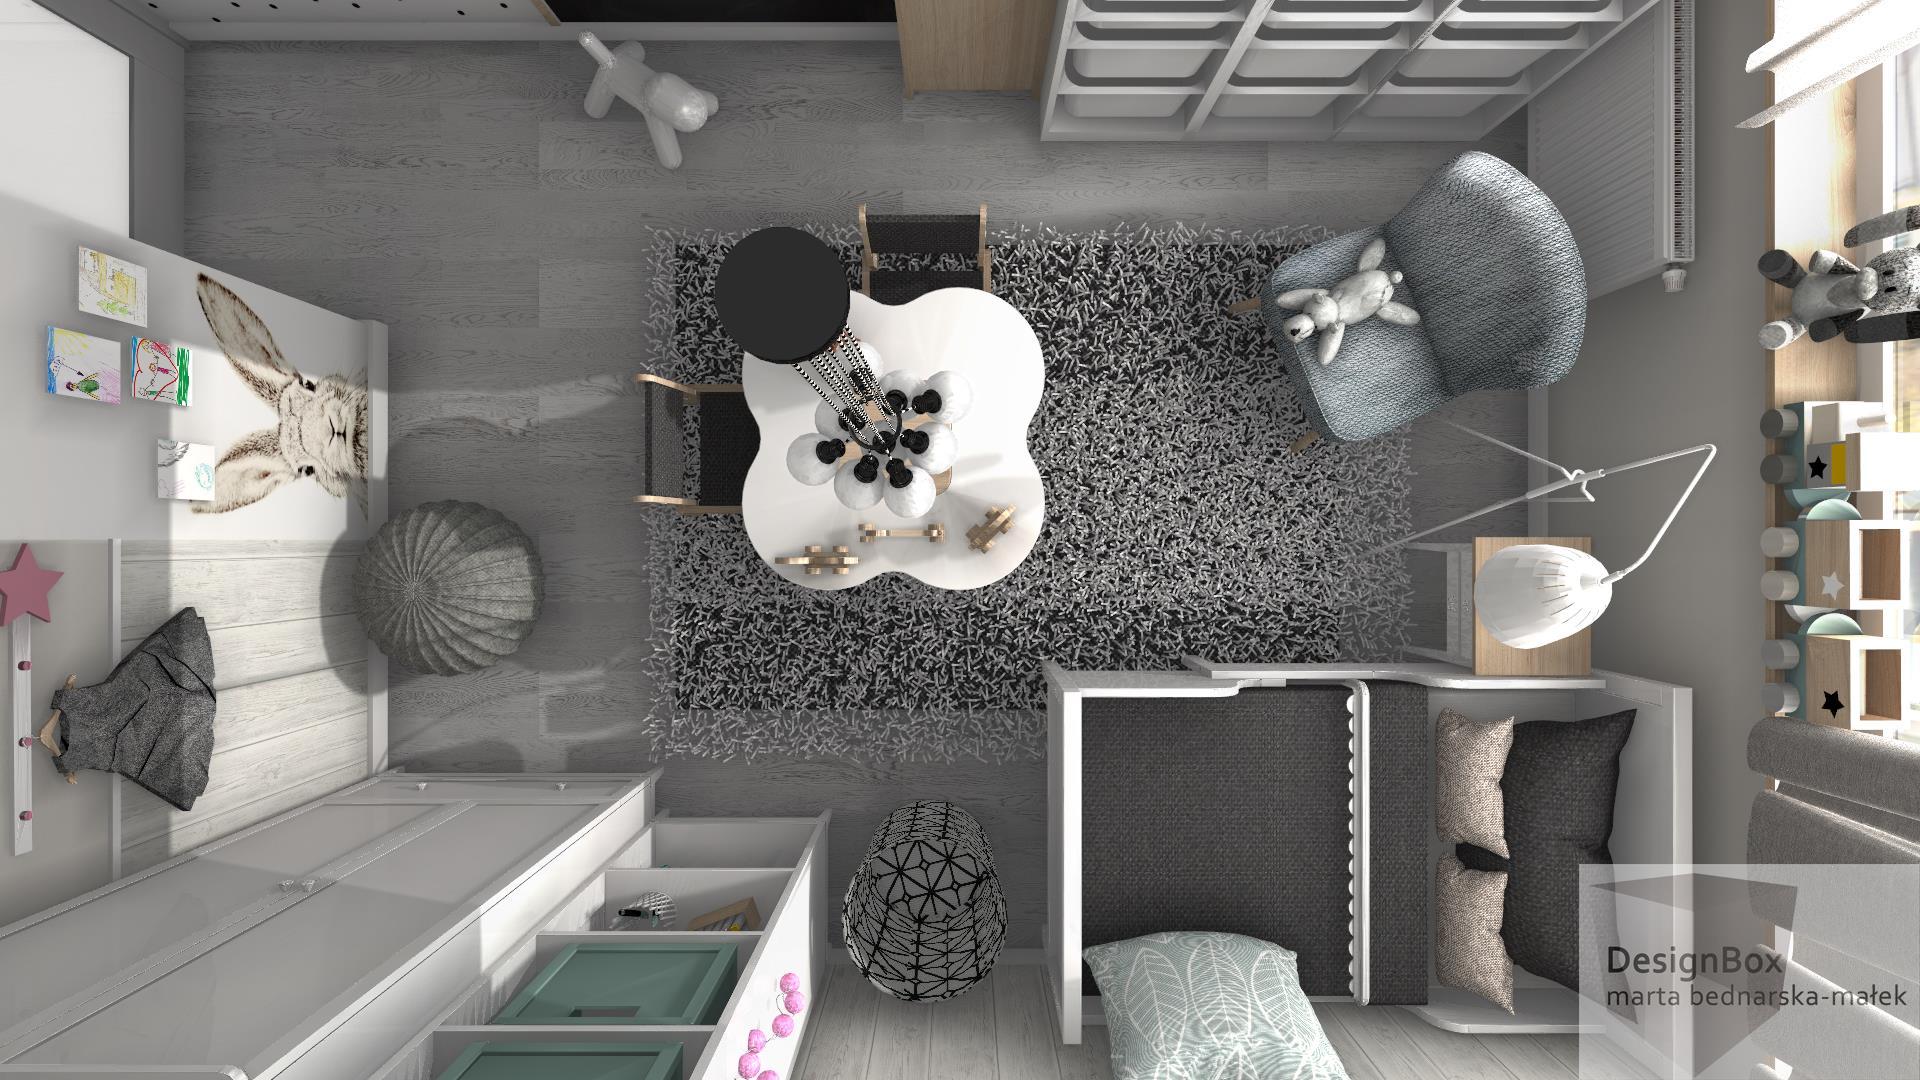 Projektowanie wnętrz_głogów._designbox_marta_bednarska_małek_6